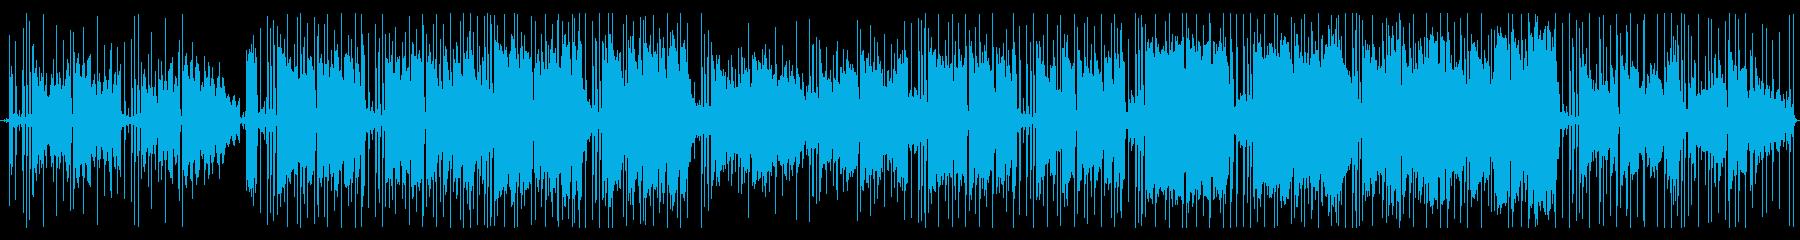 ずっと聴ける♪心温まるチル系ヒップホップの再生済みの波形